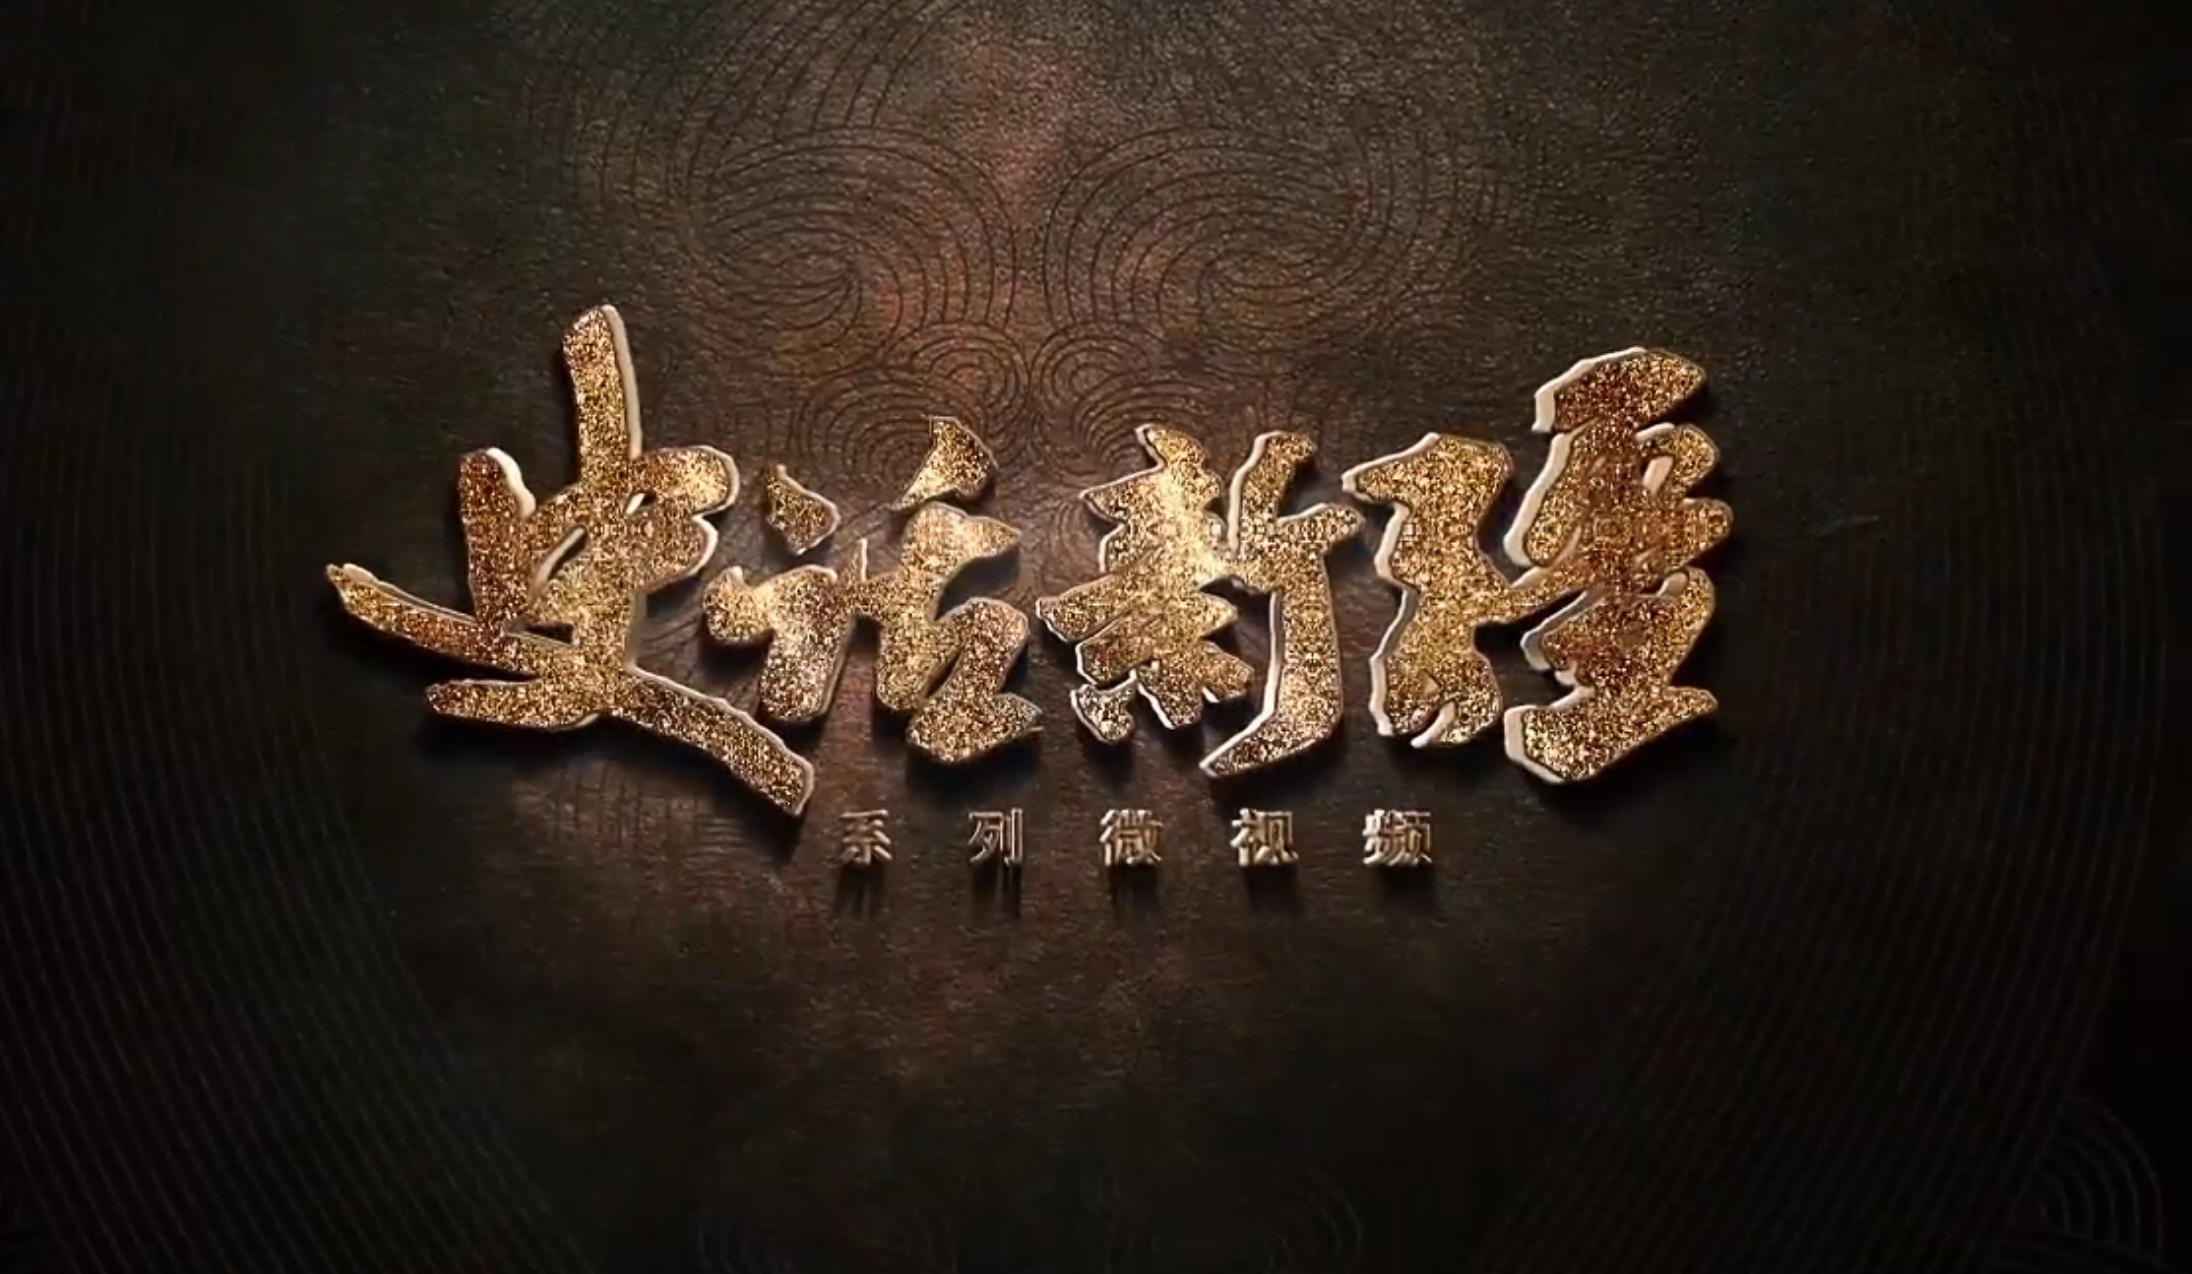 史话新疆.jpg